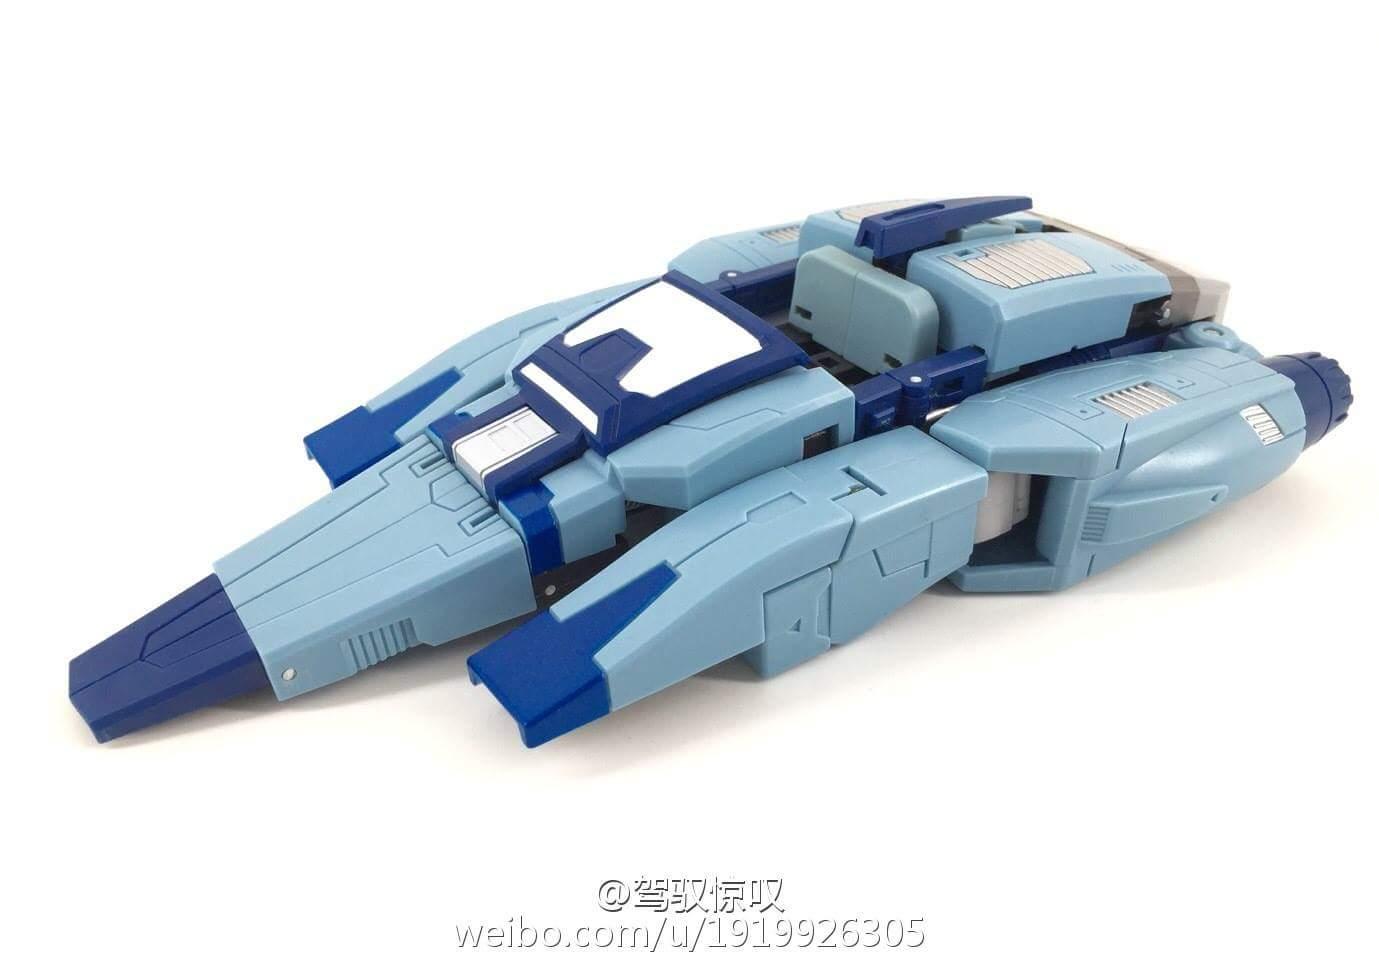 [Unique Toys] Produit Tiers - Jouet Y-02 Buzzing - aka Blurr/Brouillo QNQ9mUOZ